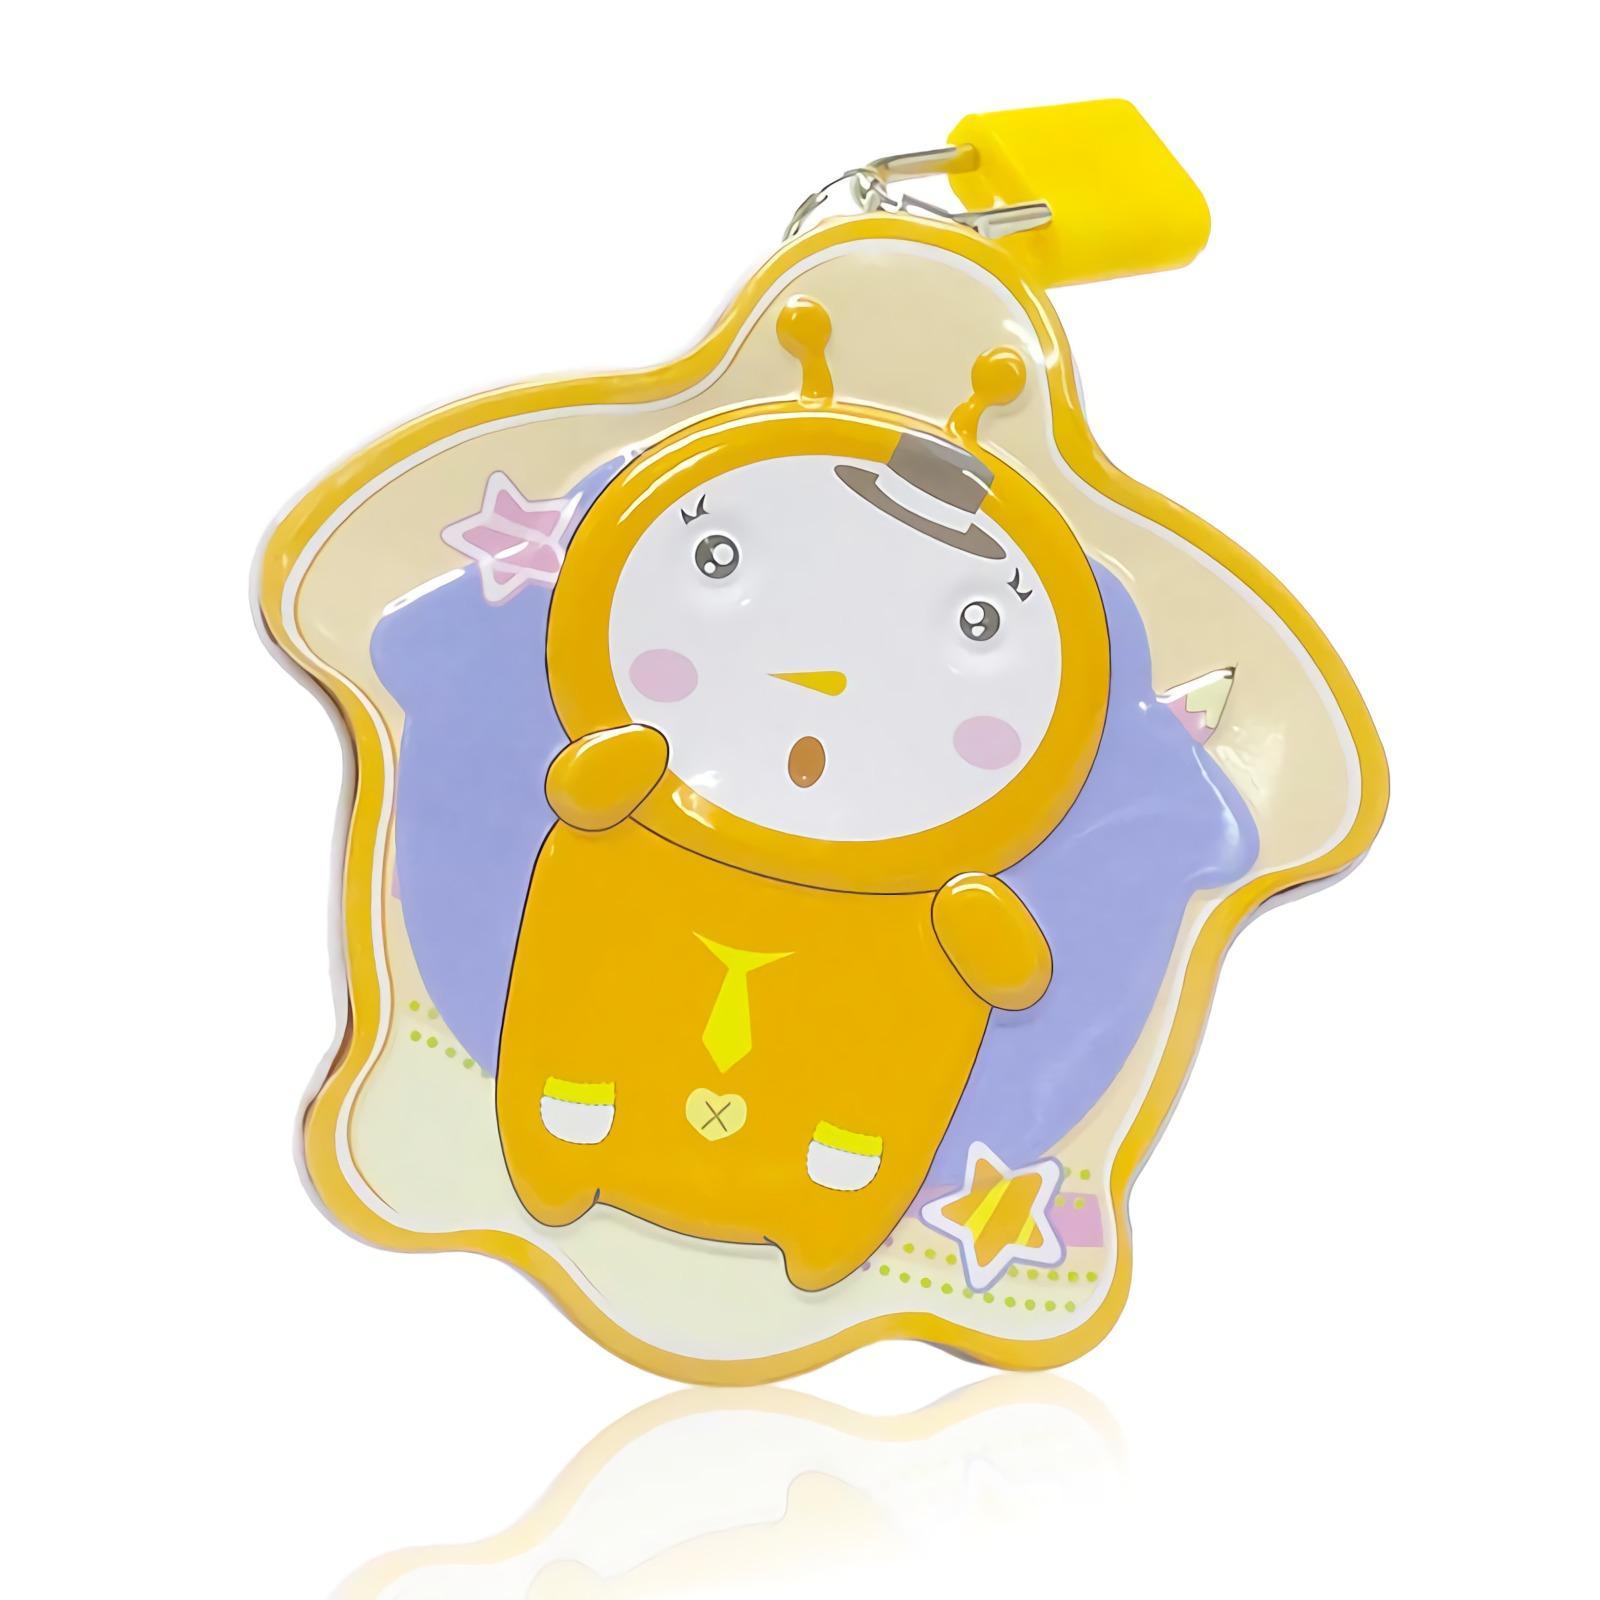 OHOME Celengan Koin Coin Bank Kaleng Dengan Gembok Kunci Lock MS-DME007 Oranye